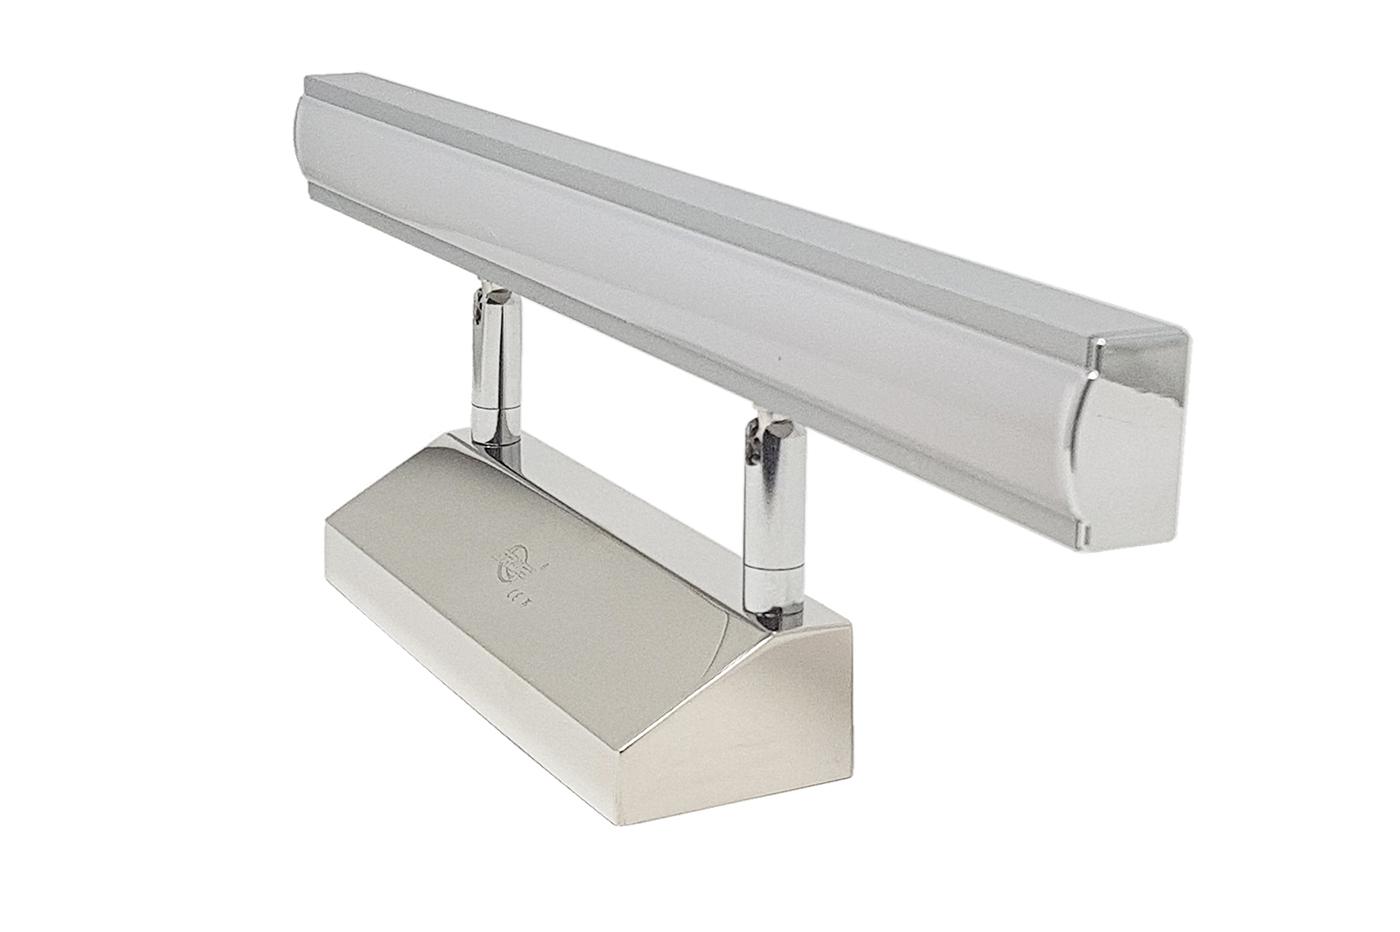 Bes applique beselettronica lampada applique specchio